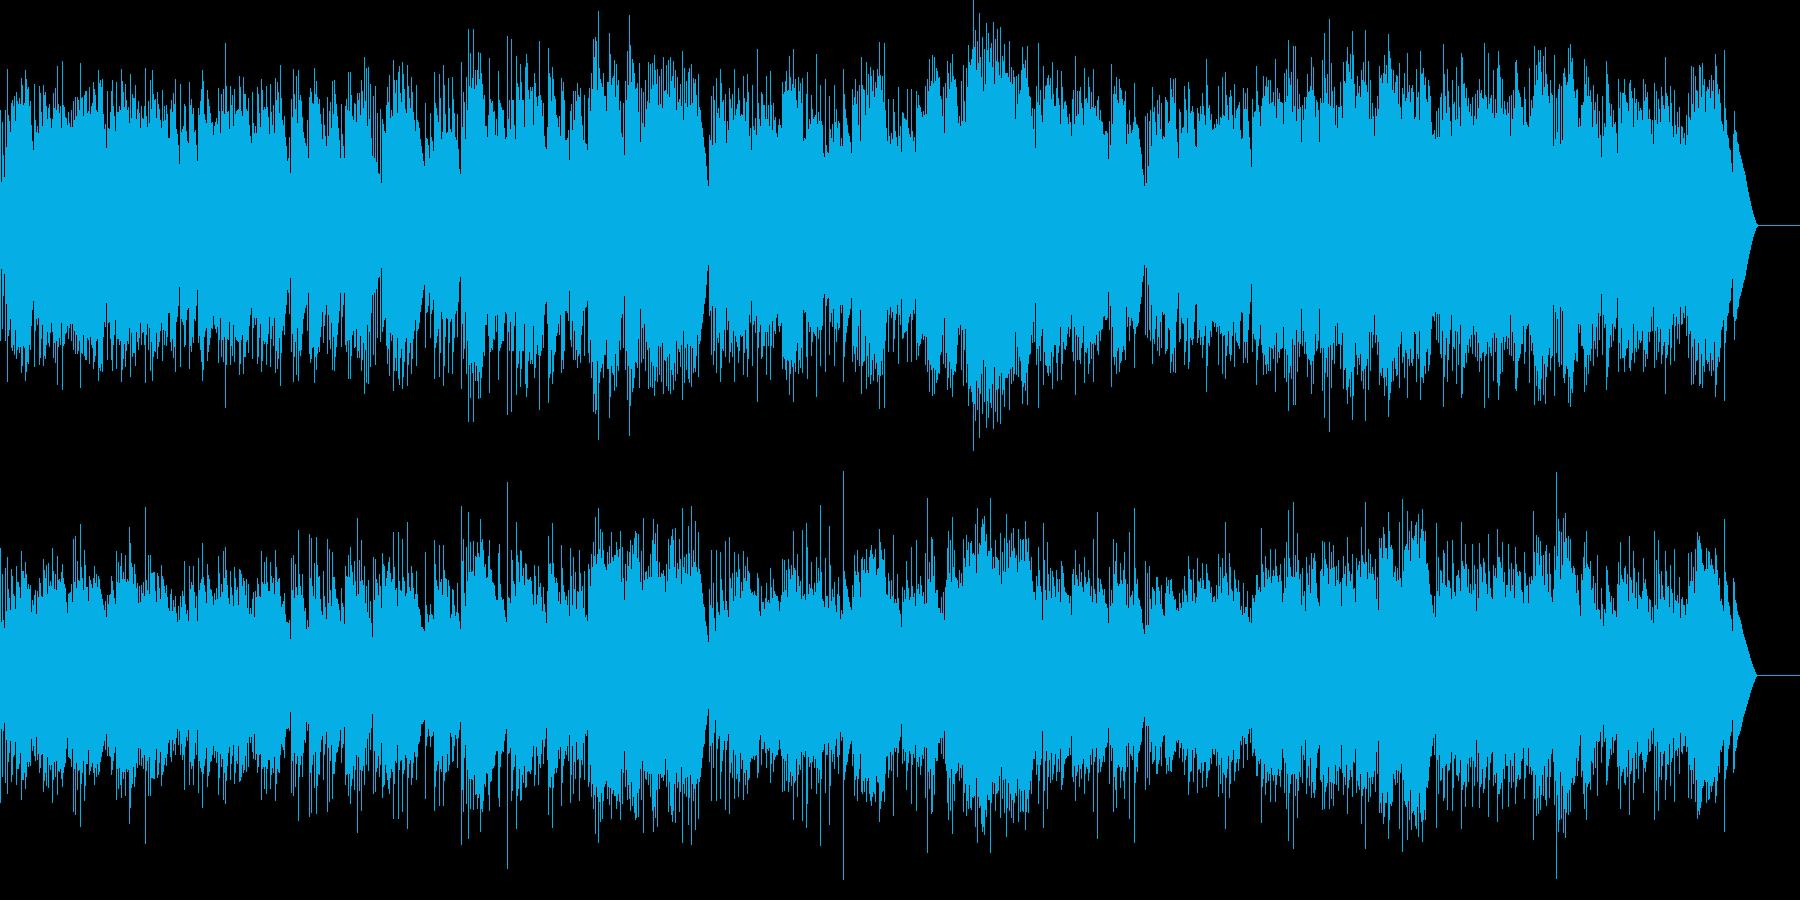 アイネクライネ 第4楽章 (オルゴール)の再生済みの波形